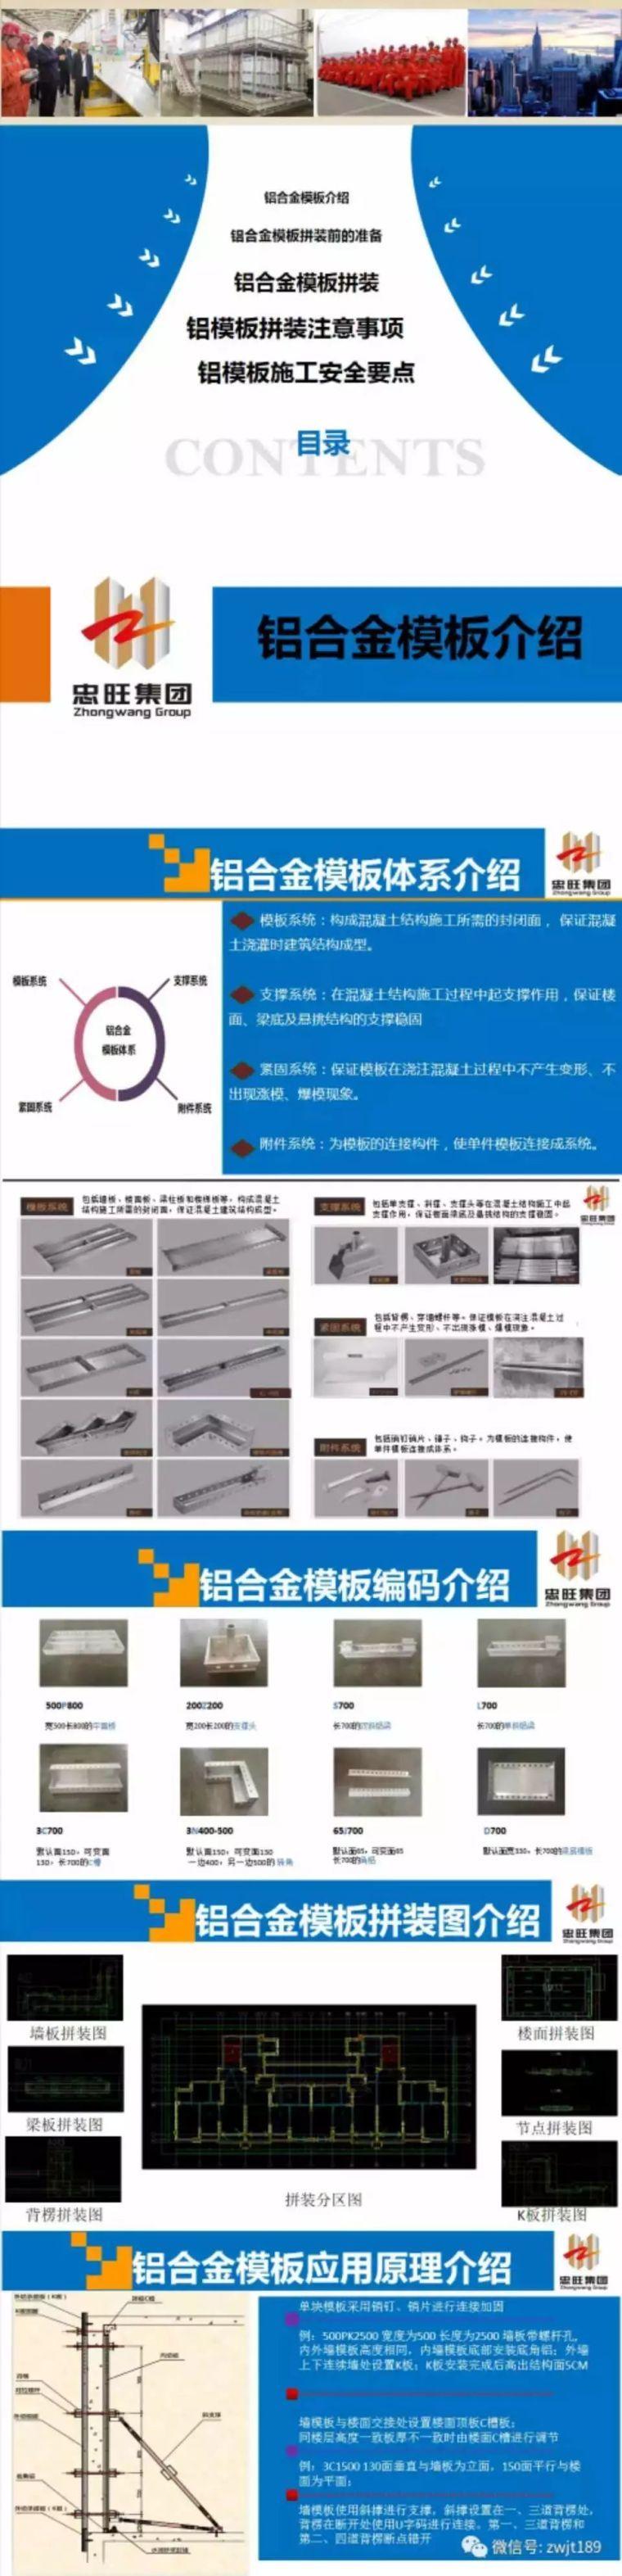 铝合金模板拼装注意事项及施工安全要点